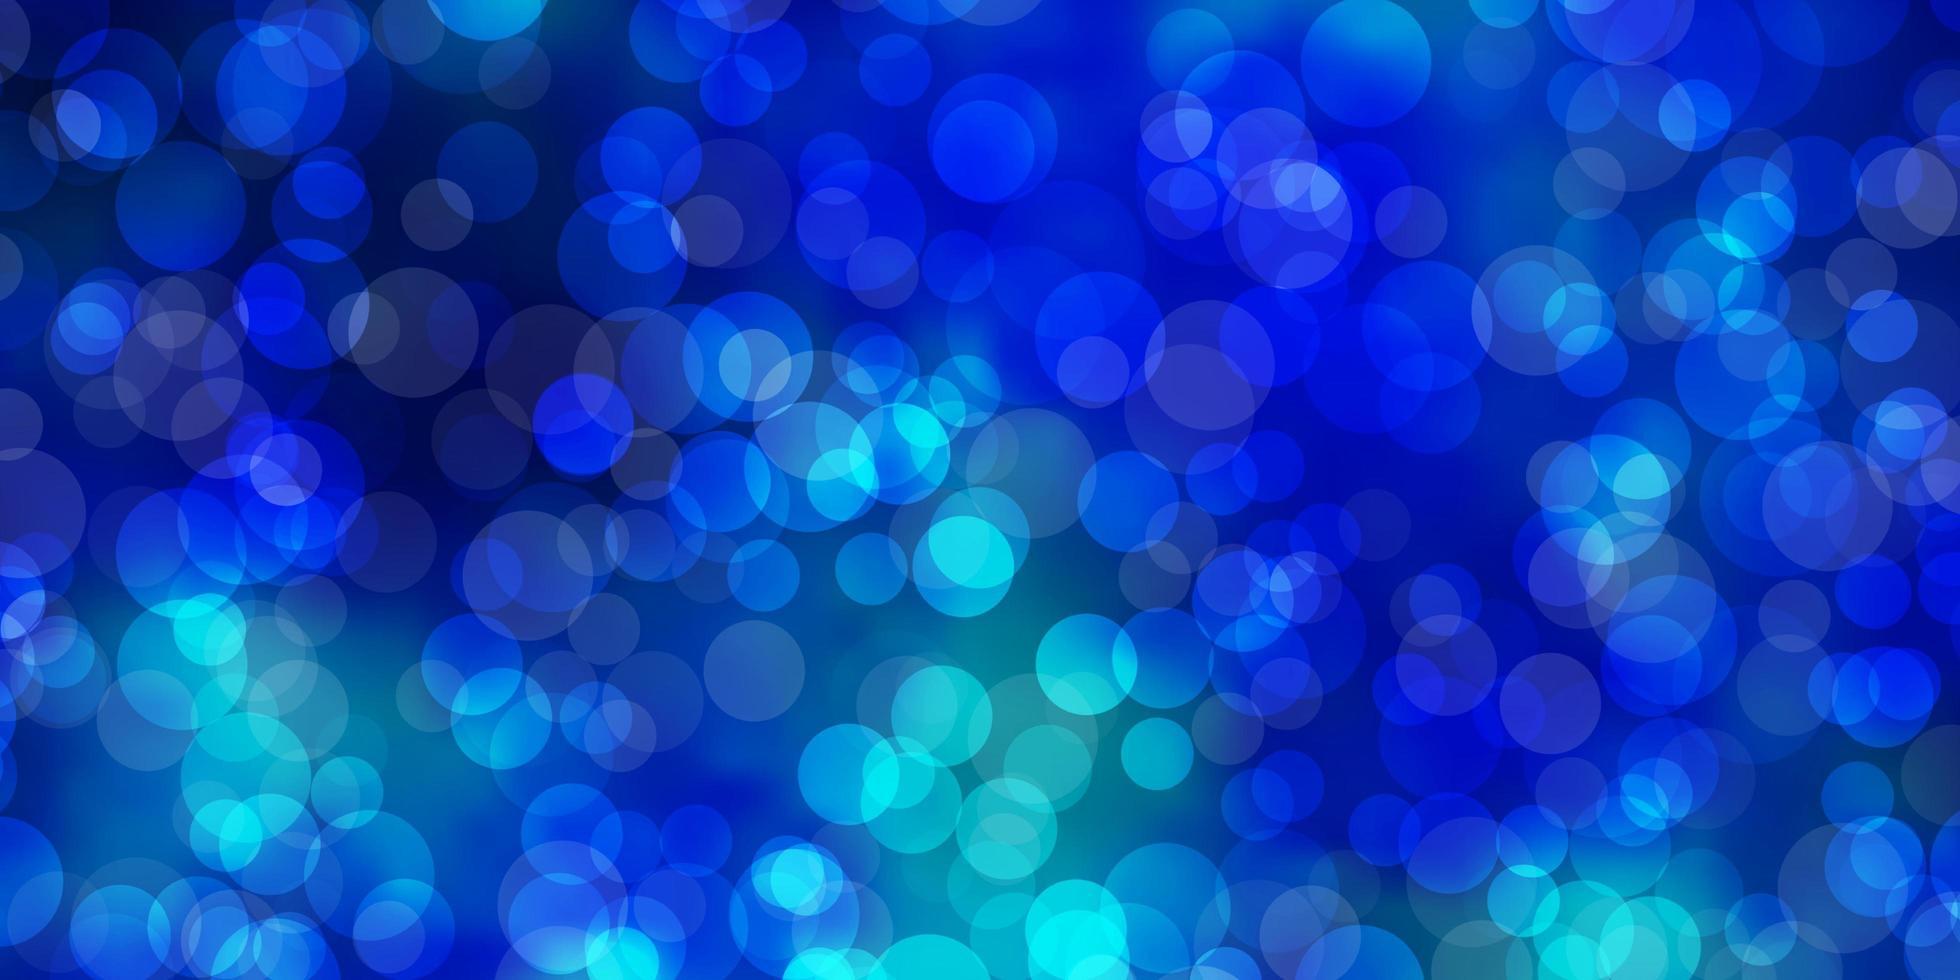 fond de vecteur bleu clair avec des bulles.